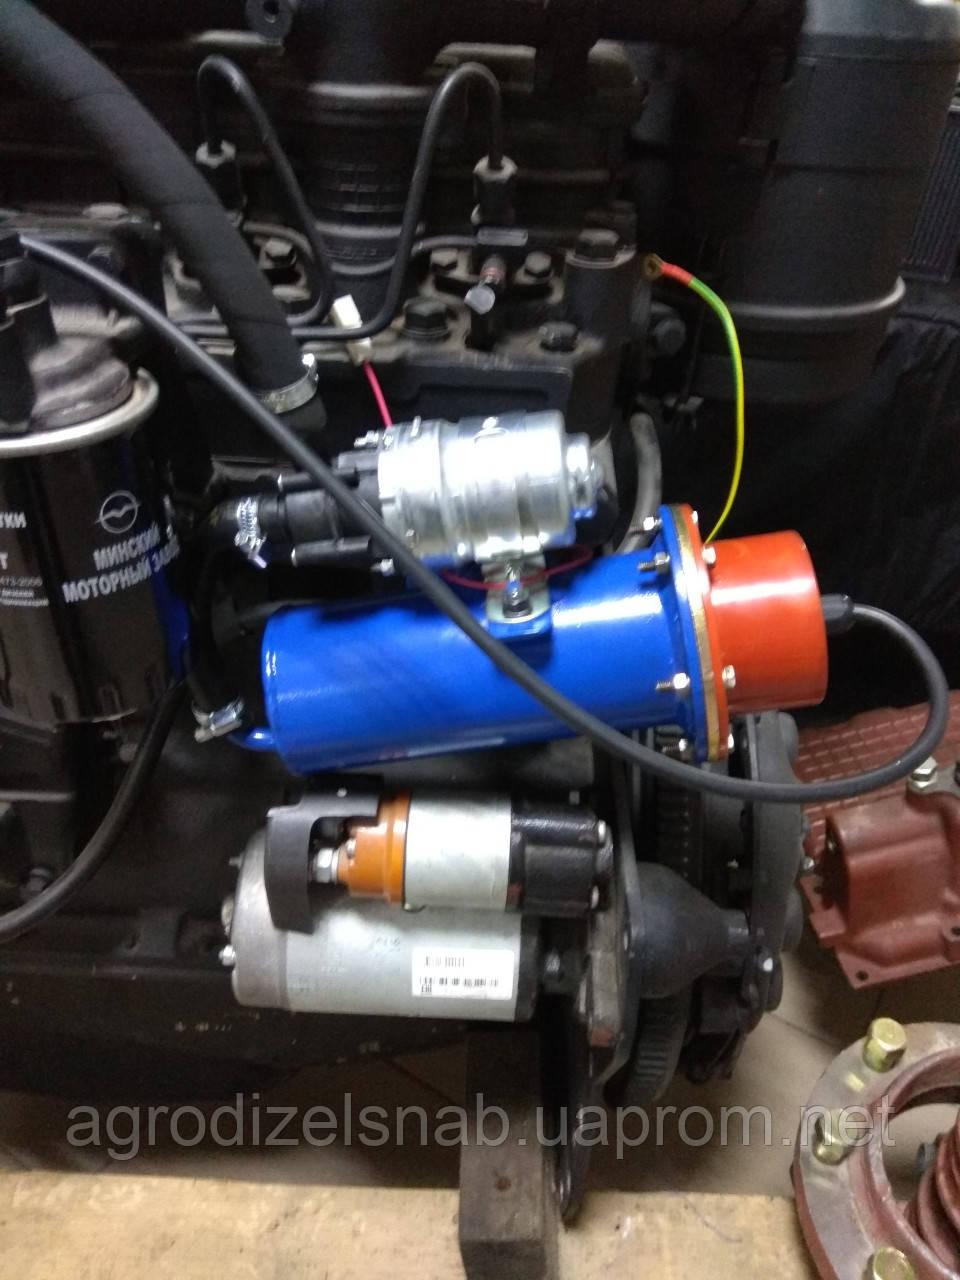 Подогреватель предпусковой блока МТЗ (1800W - 220V) с помпой